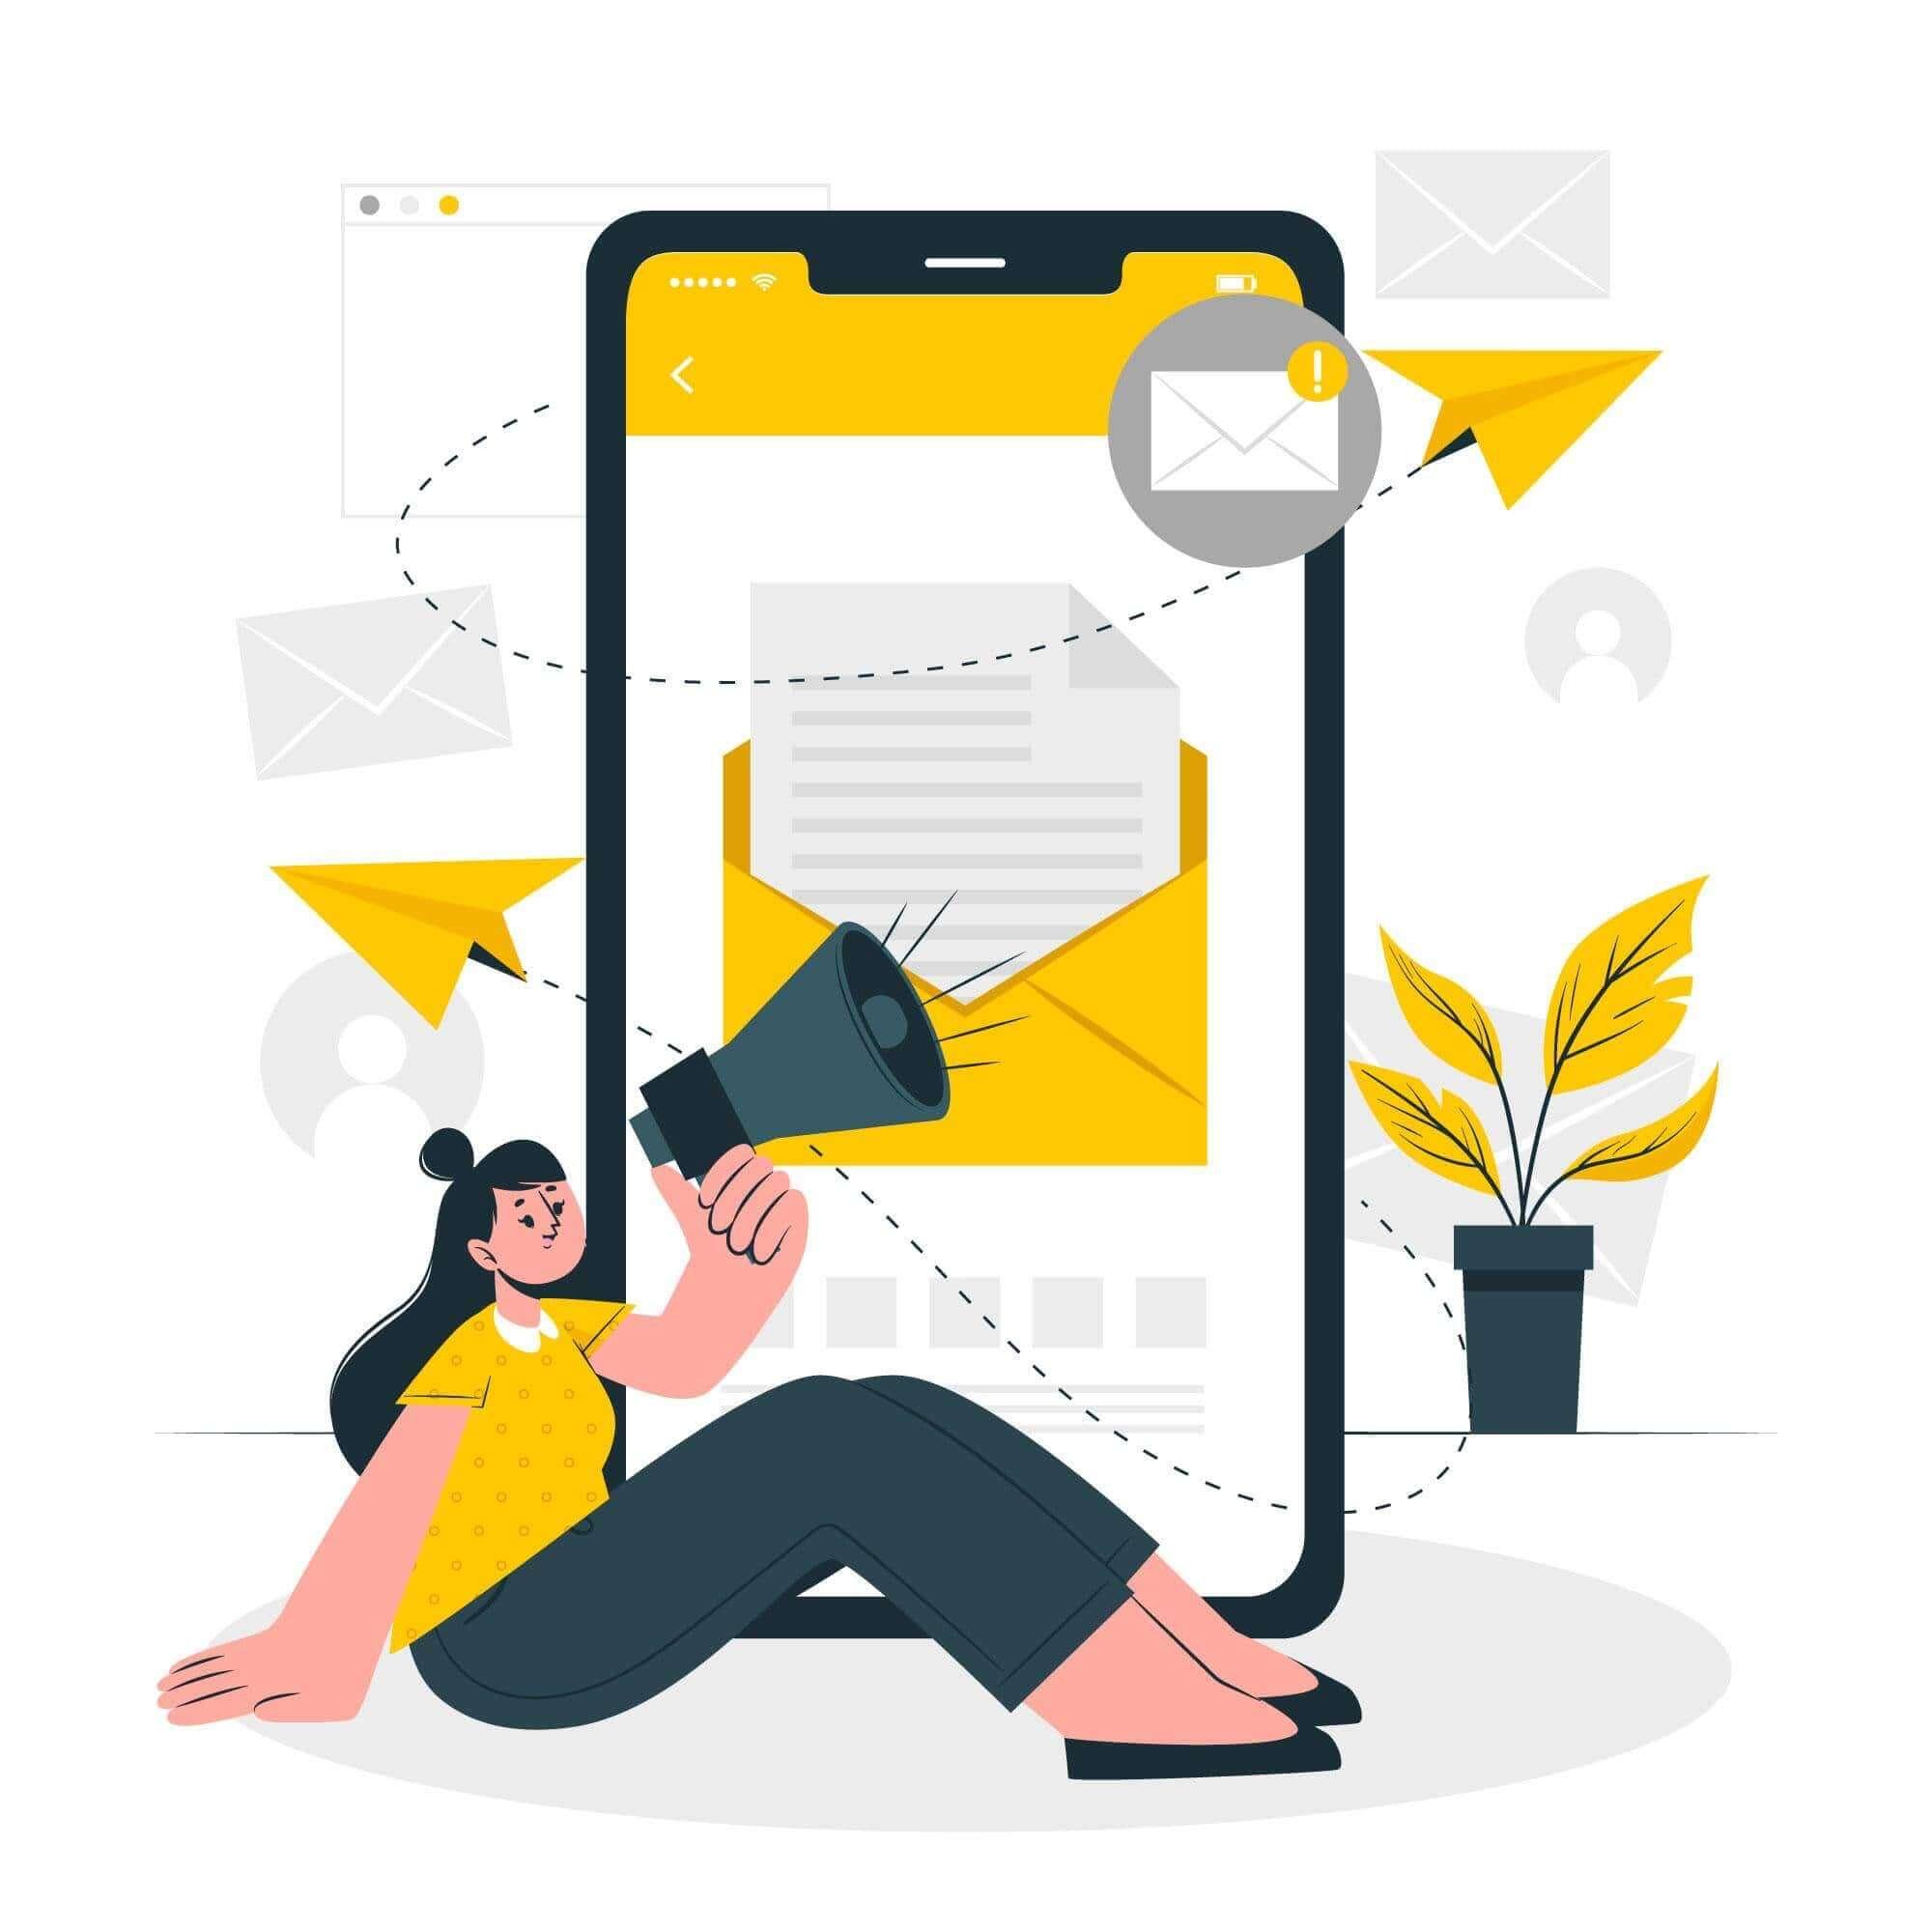 Illustration envoi SMS par téléphone